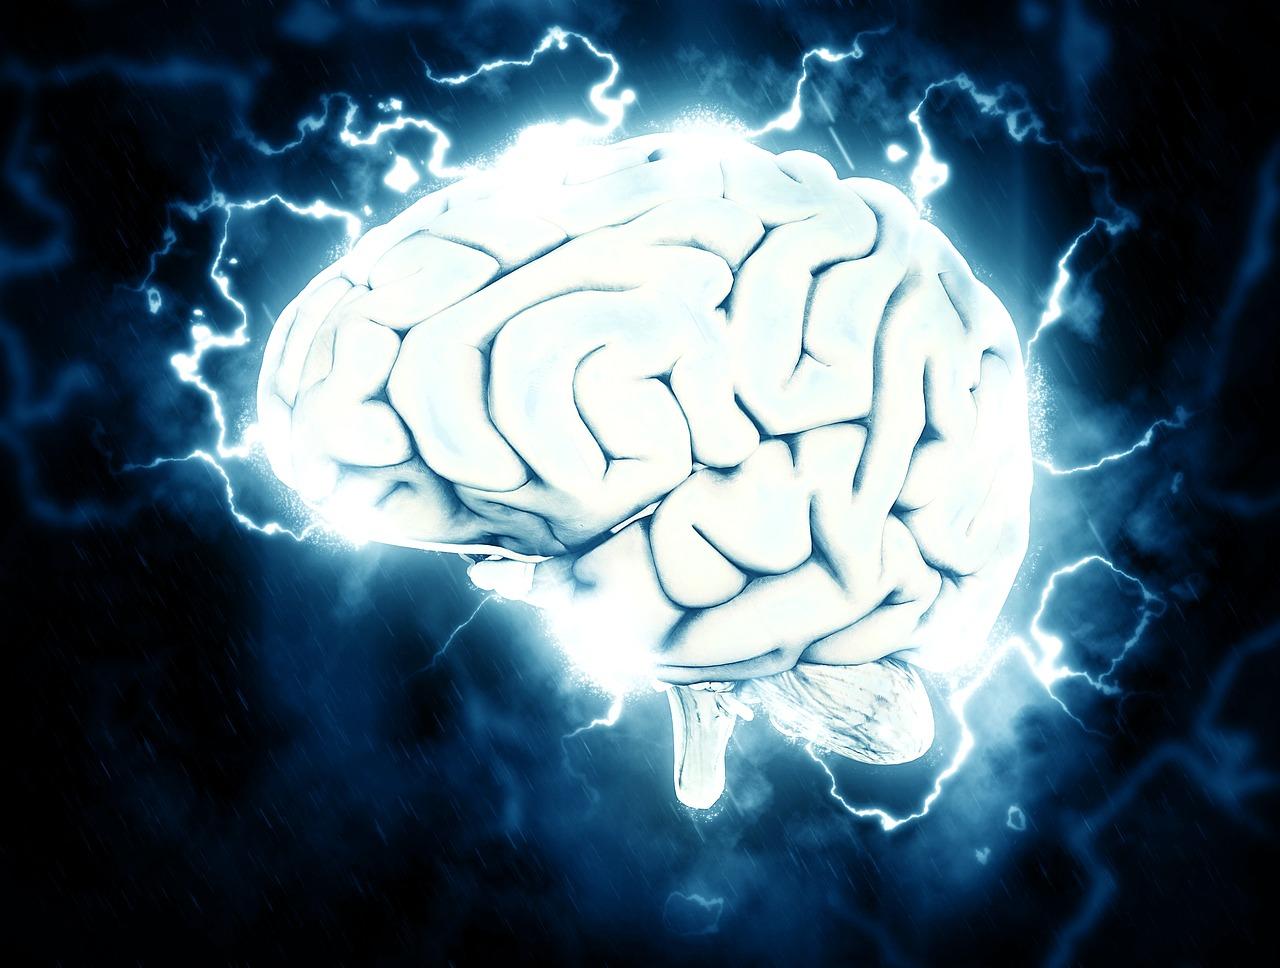 【周波数】この世は、音楽によって洗脳支配されている驚くべき証拠!